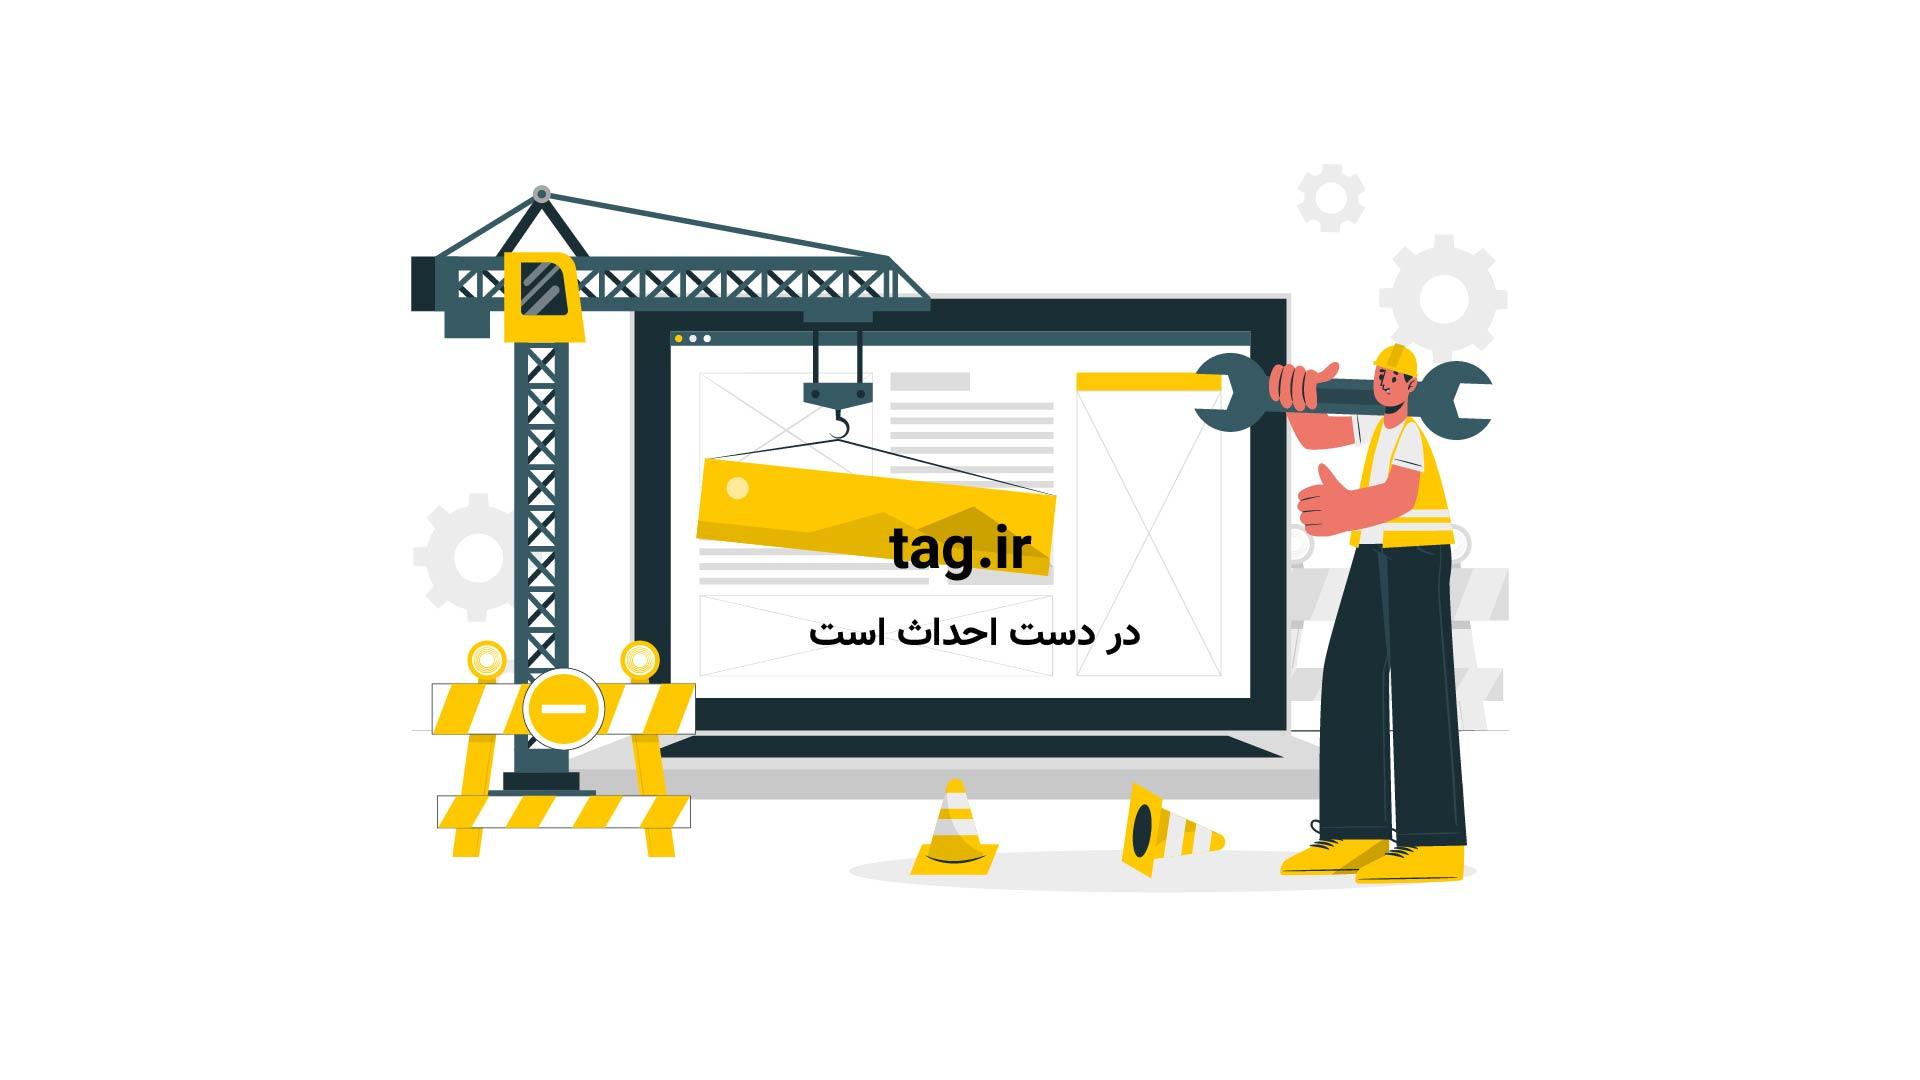 سخنرانیهای تد؛ شما هوشیاری را چطور توضیح میدهید | فیلم